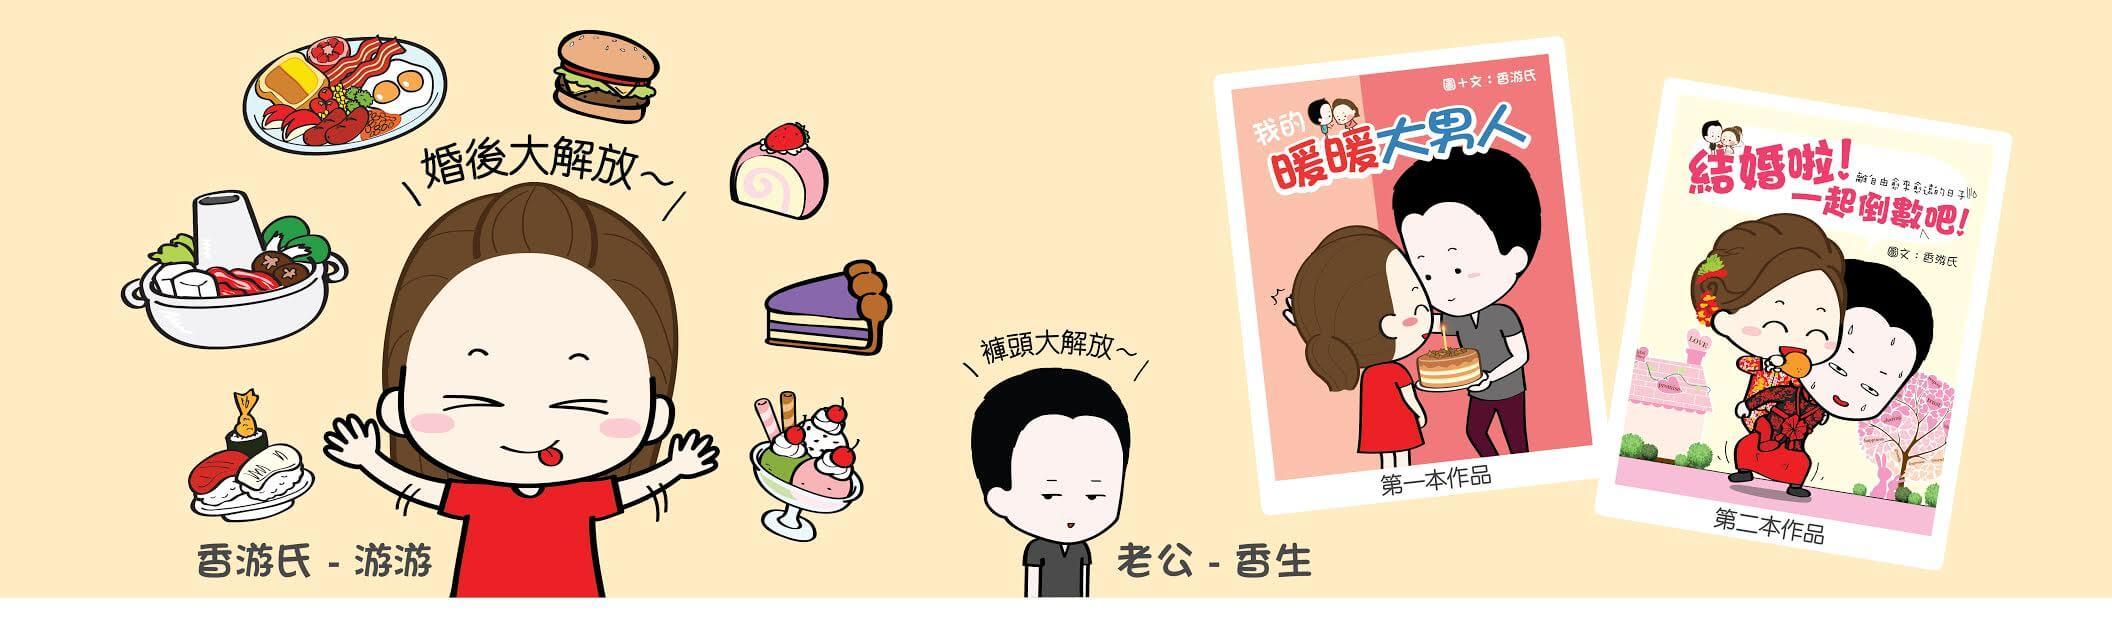 香游氏, PX 漫漫手工甜點市集, 手工甜點, 冰淇淋蛋糕, 與手工甜點對話的Susan, 插畫, 客製化